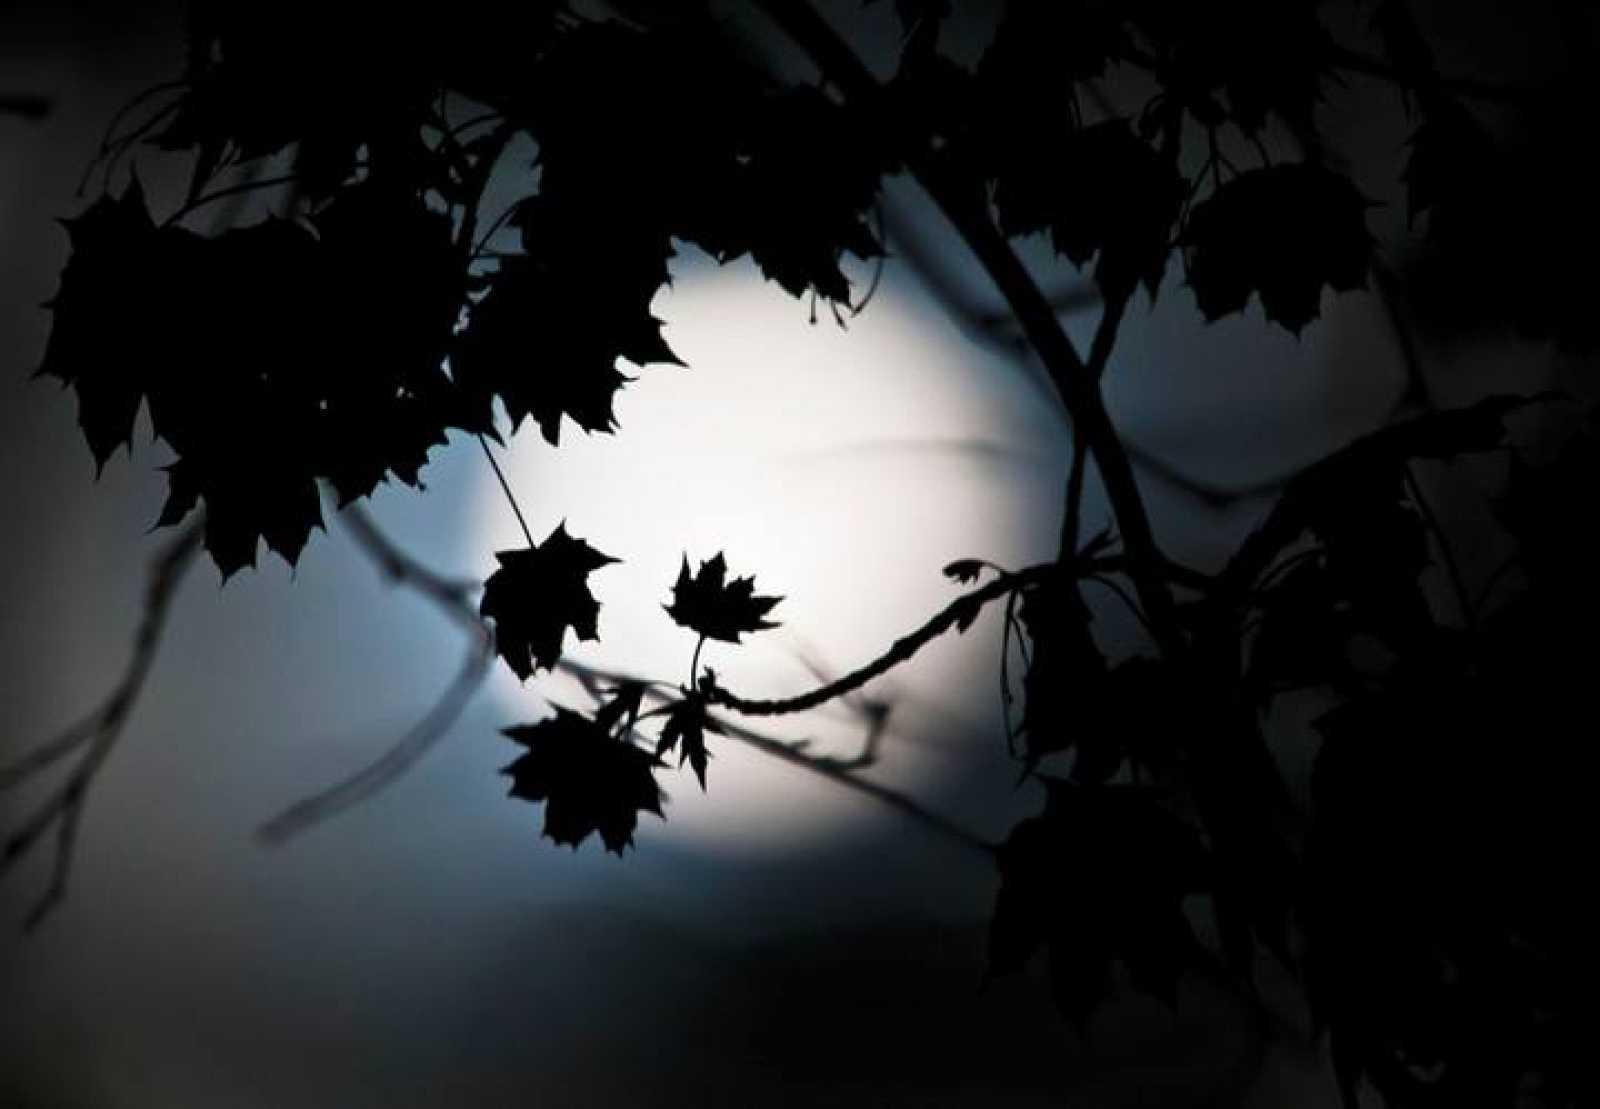 En la primavera de 2014, se podrá ver un eclipse total de luna en España el 15 de abril.